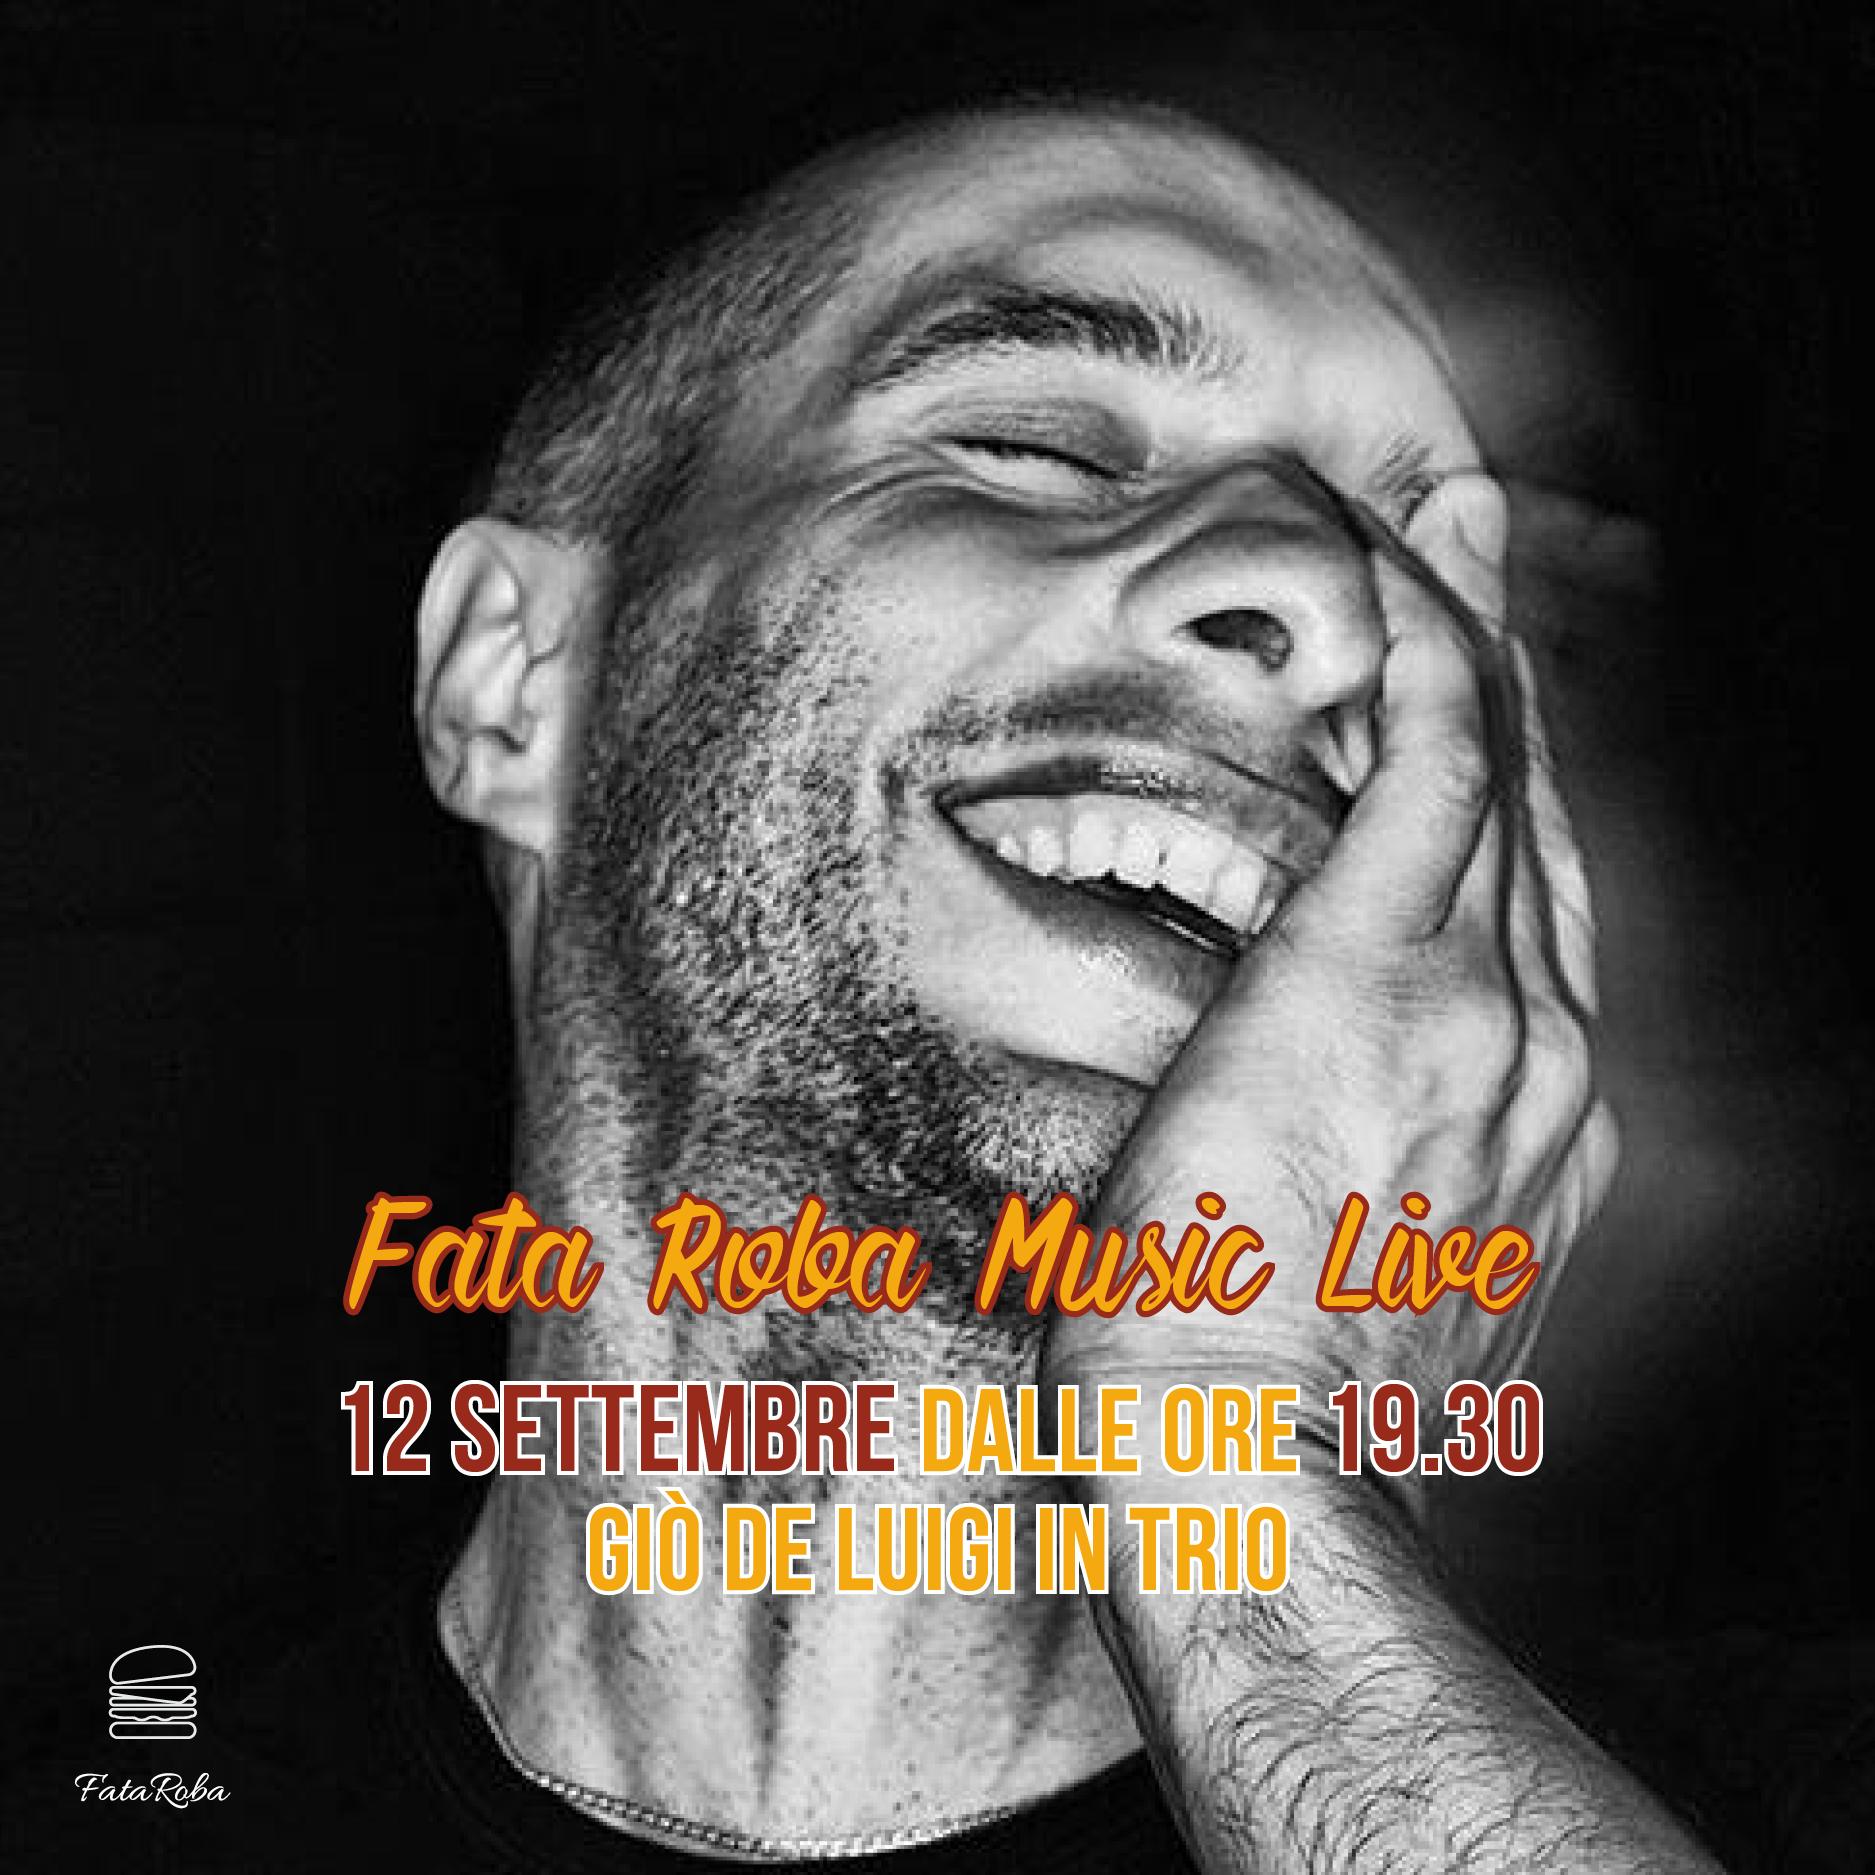 Fata Roba Music Live 12 Settembre